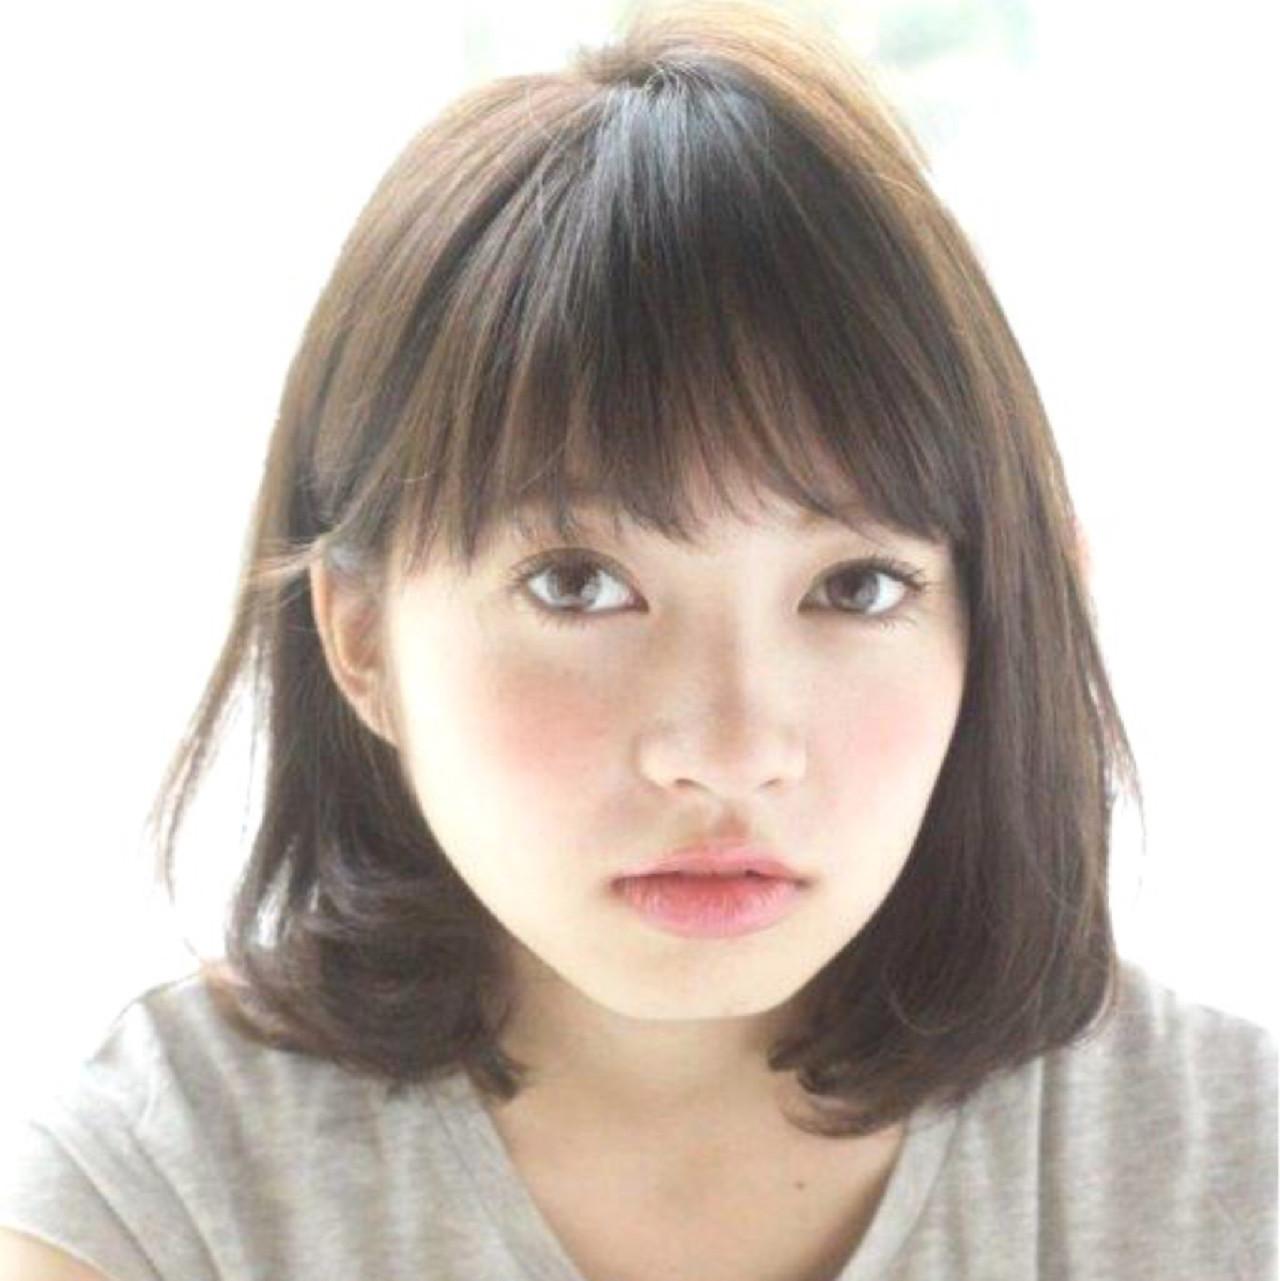 ふわふわ 簡単 大人かわいい ミディアム ヘアスタイルや髪型の写真・画像   切りっぱなしボブを流行らせた人 Un ami増永 / Un ami omotesando